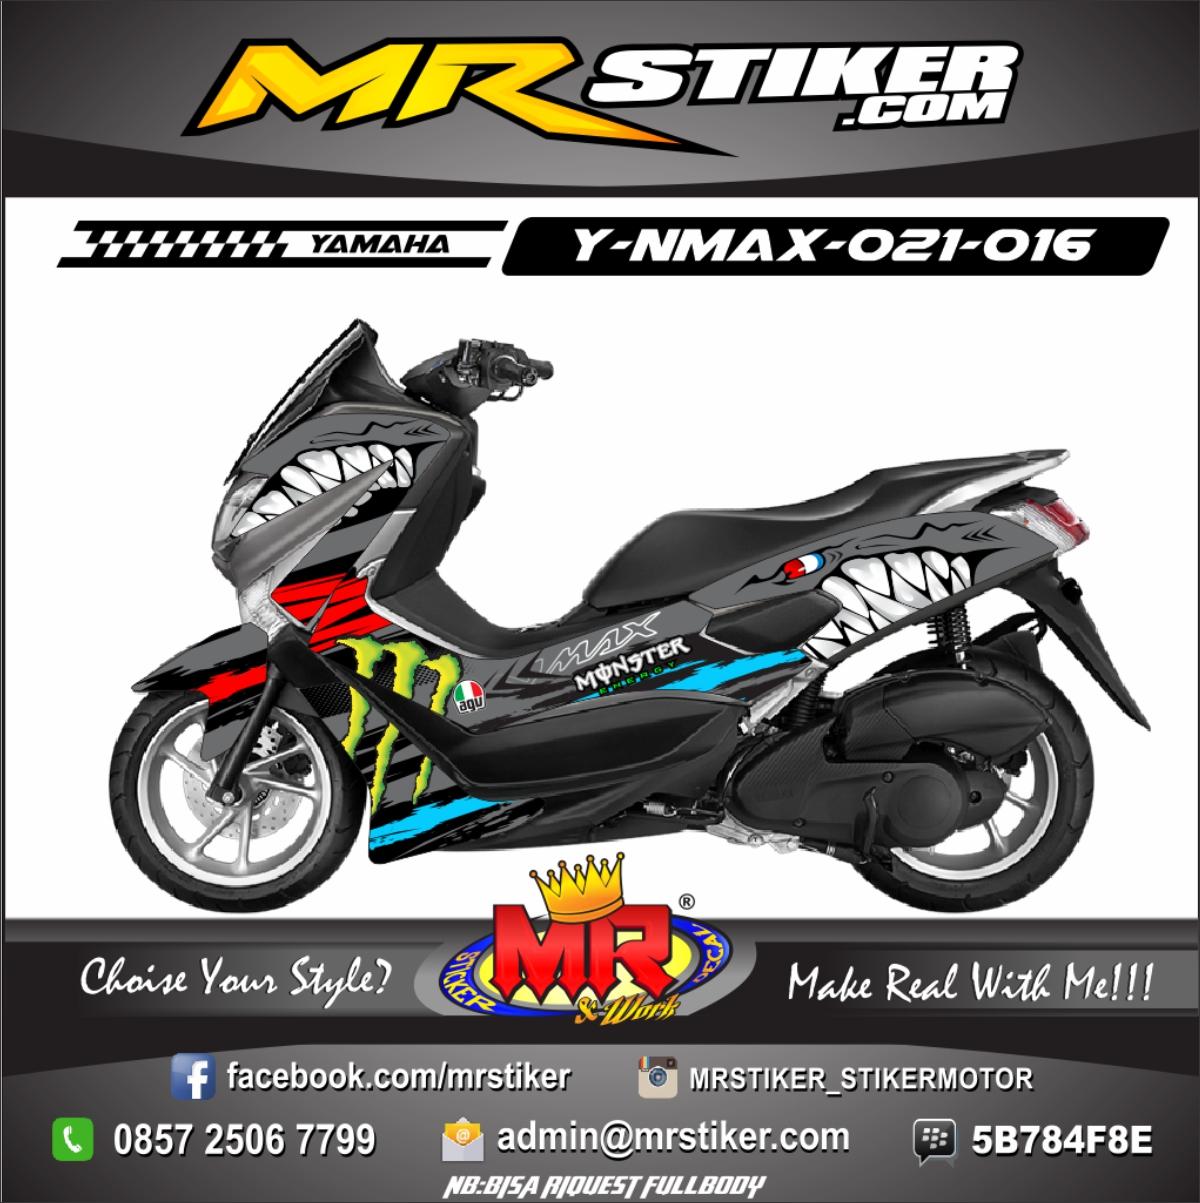 Stiker-Motor-Nmax-shark-monster-energy